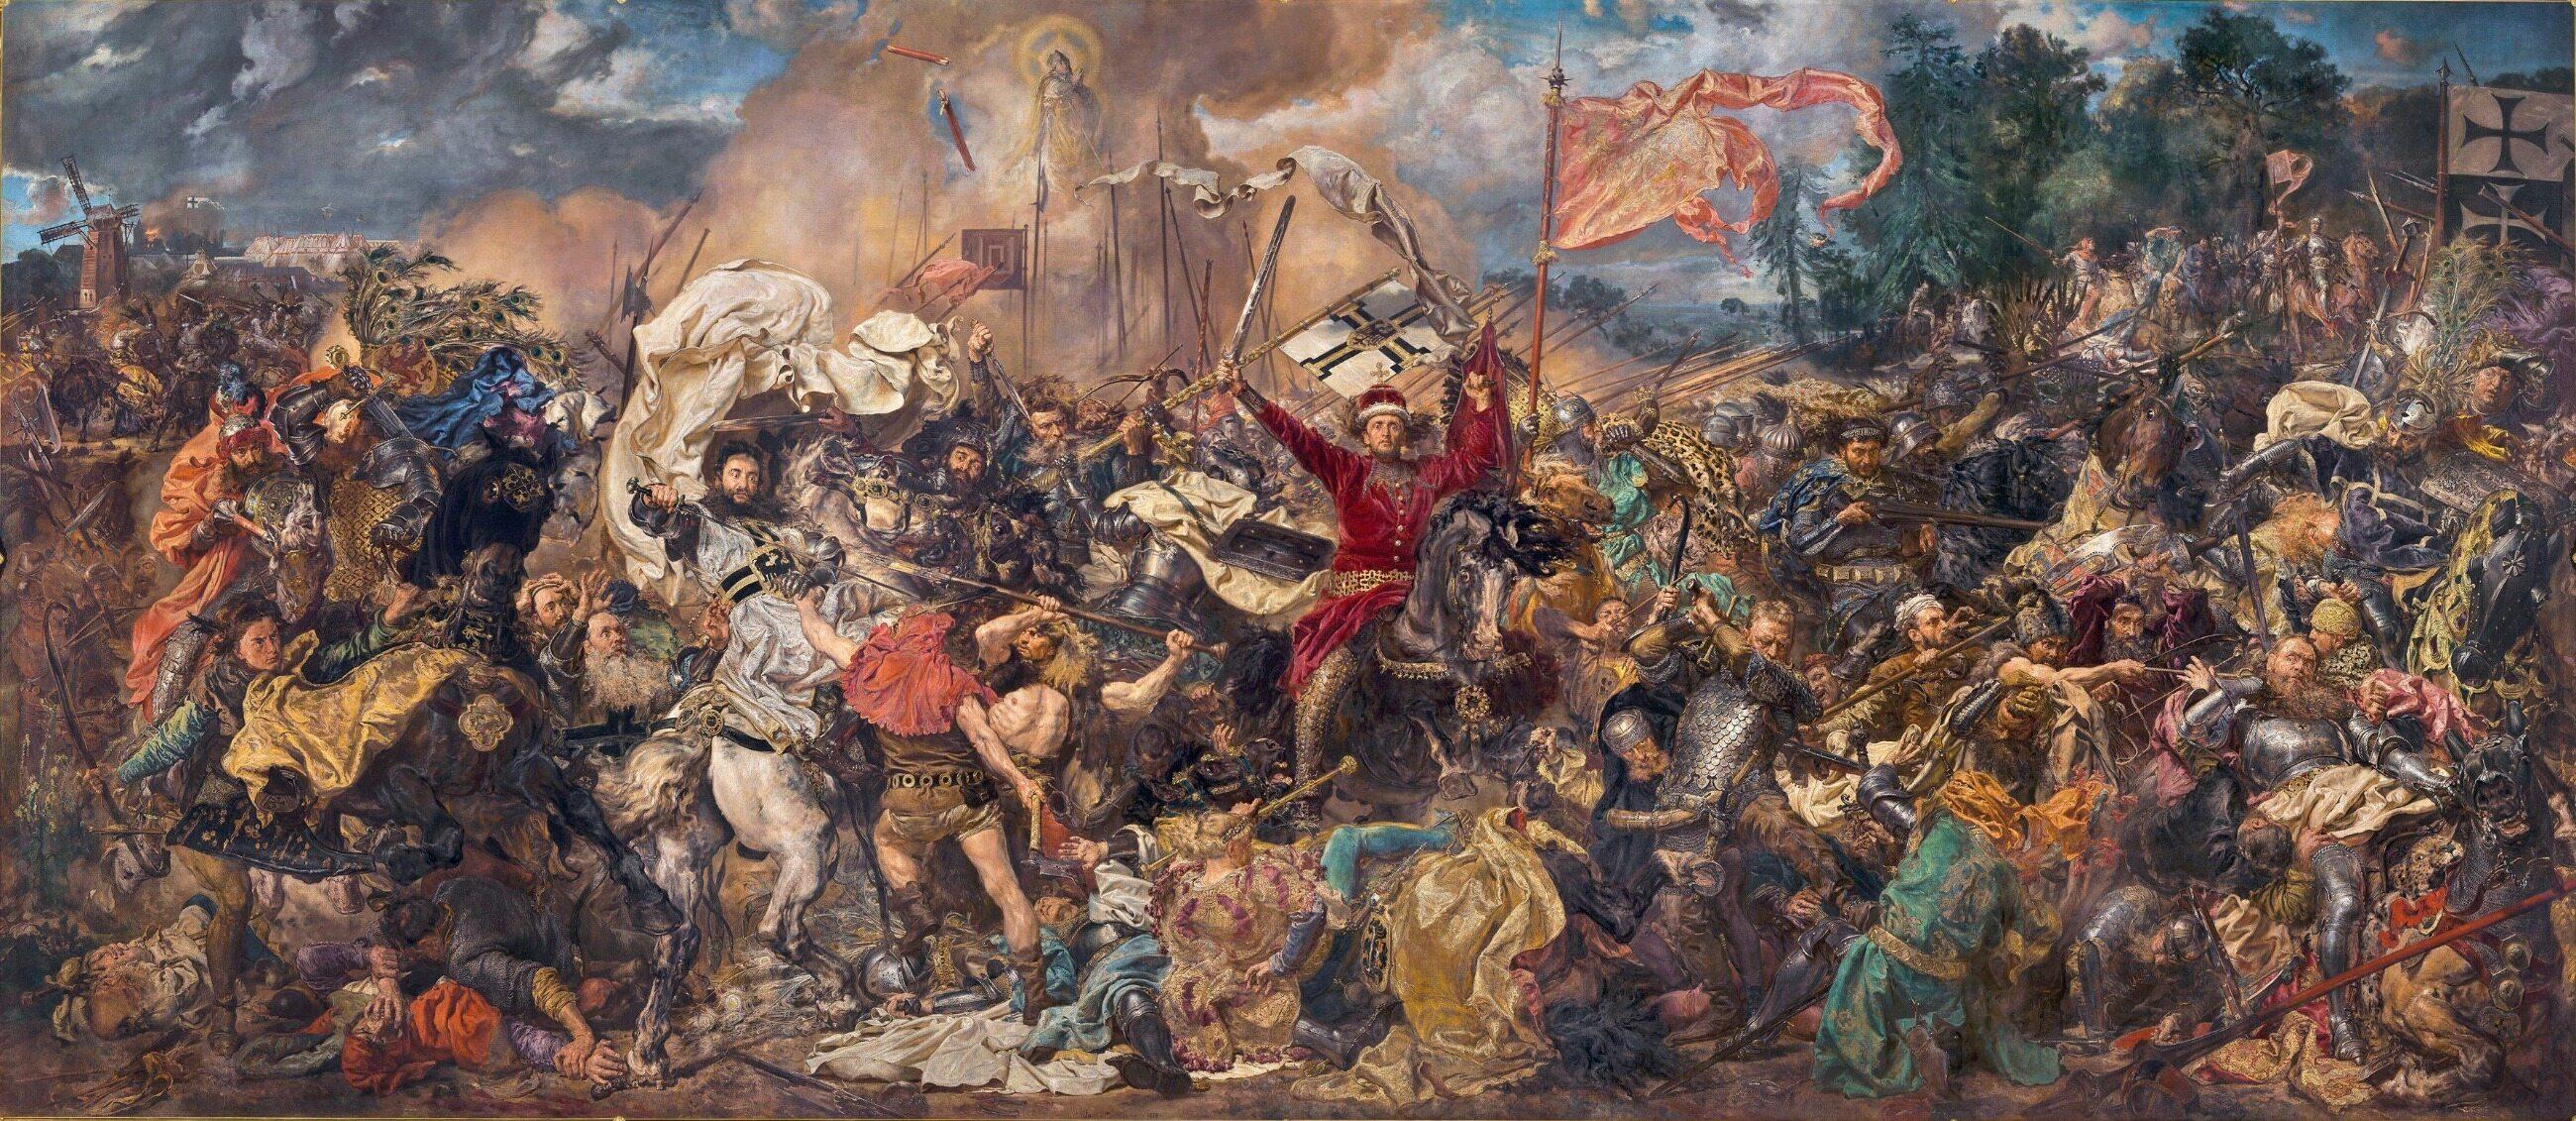 """Czy na najsłynniejszym polskim obrazie Matejki """"Bitwa pod Grunwaldem"""" został uwieczniony król Władysław Jagiełło?"""